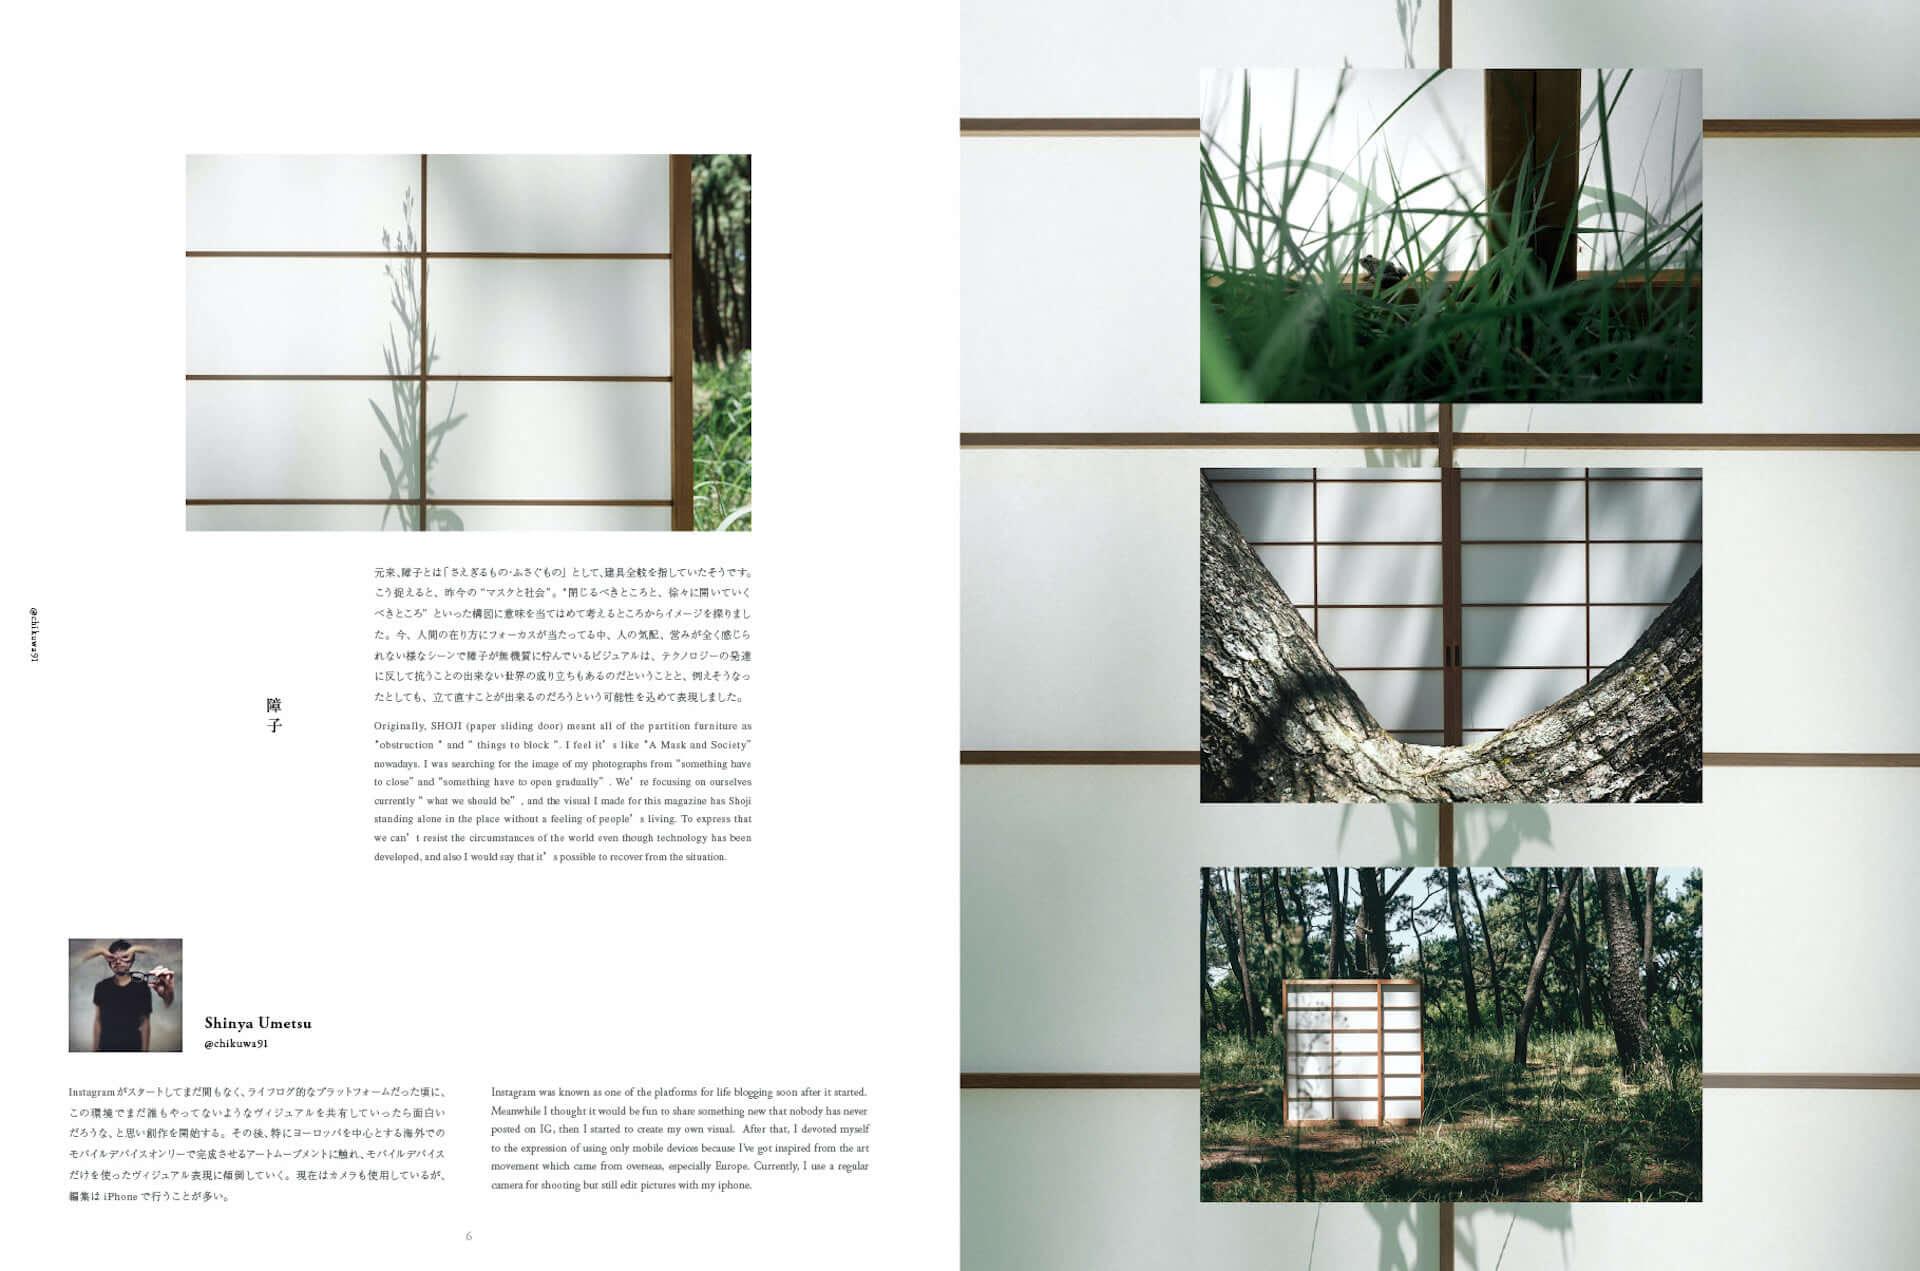 フォトカルチャーマガジン『INSPIRATION CULT MAGAZINE』新刊が約1年ぶりに発売決定!ローンチパーティーには河村康輔、ralphも登場 art201214_icm_9-1920x1271